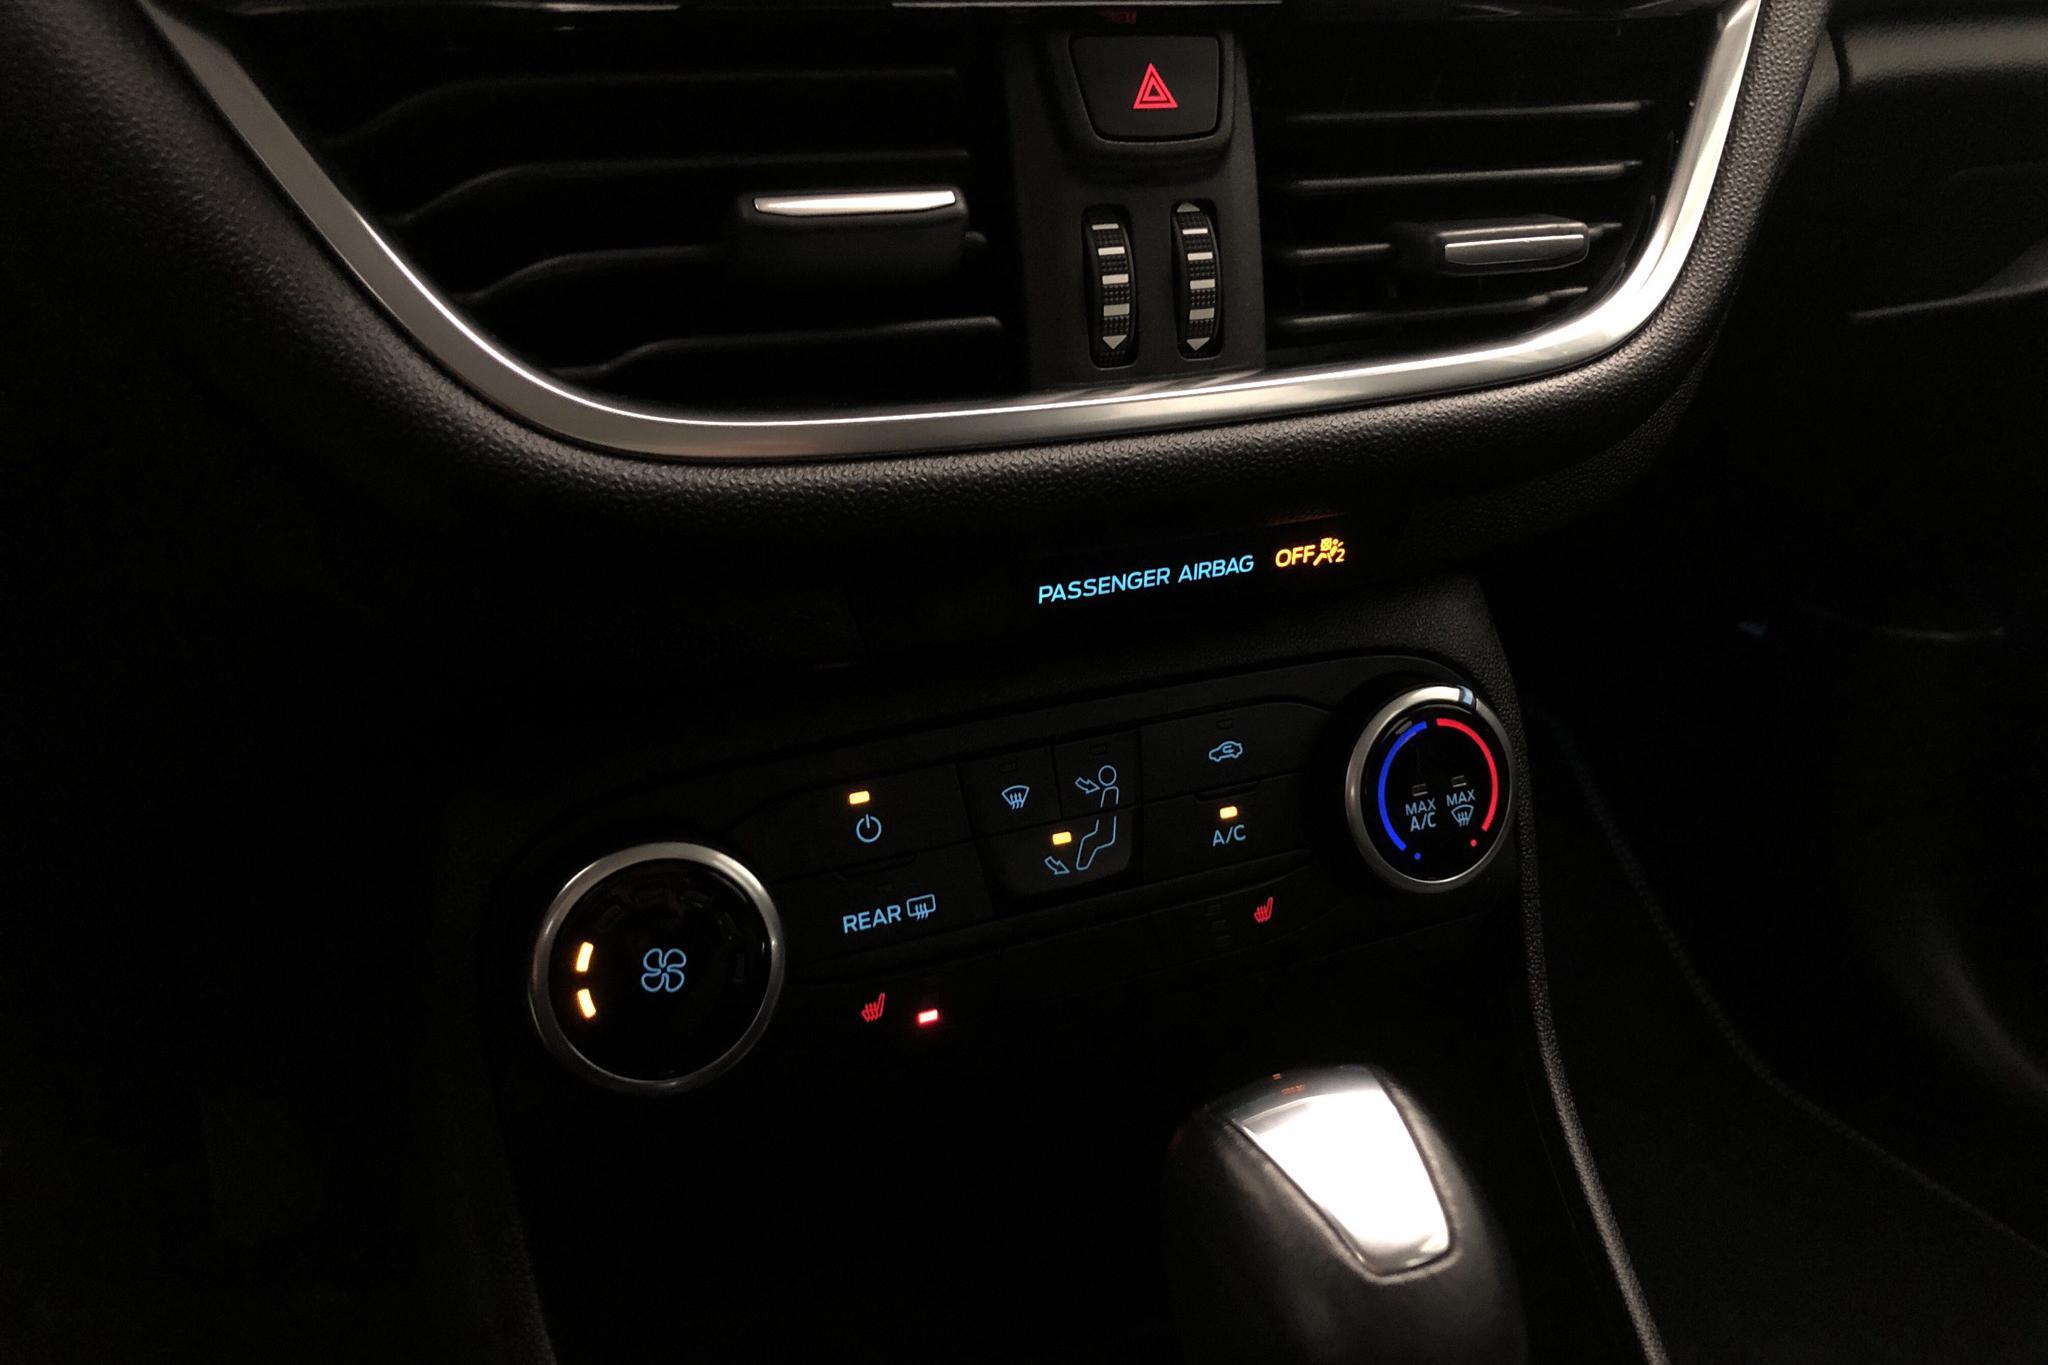 Ford Fiesta 1.0T EcoBoost 5dr (100hk) - 3 853 mil - Automat - vit - 2018